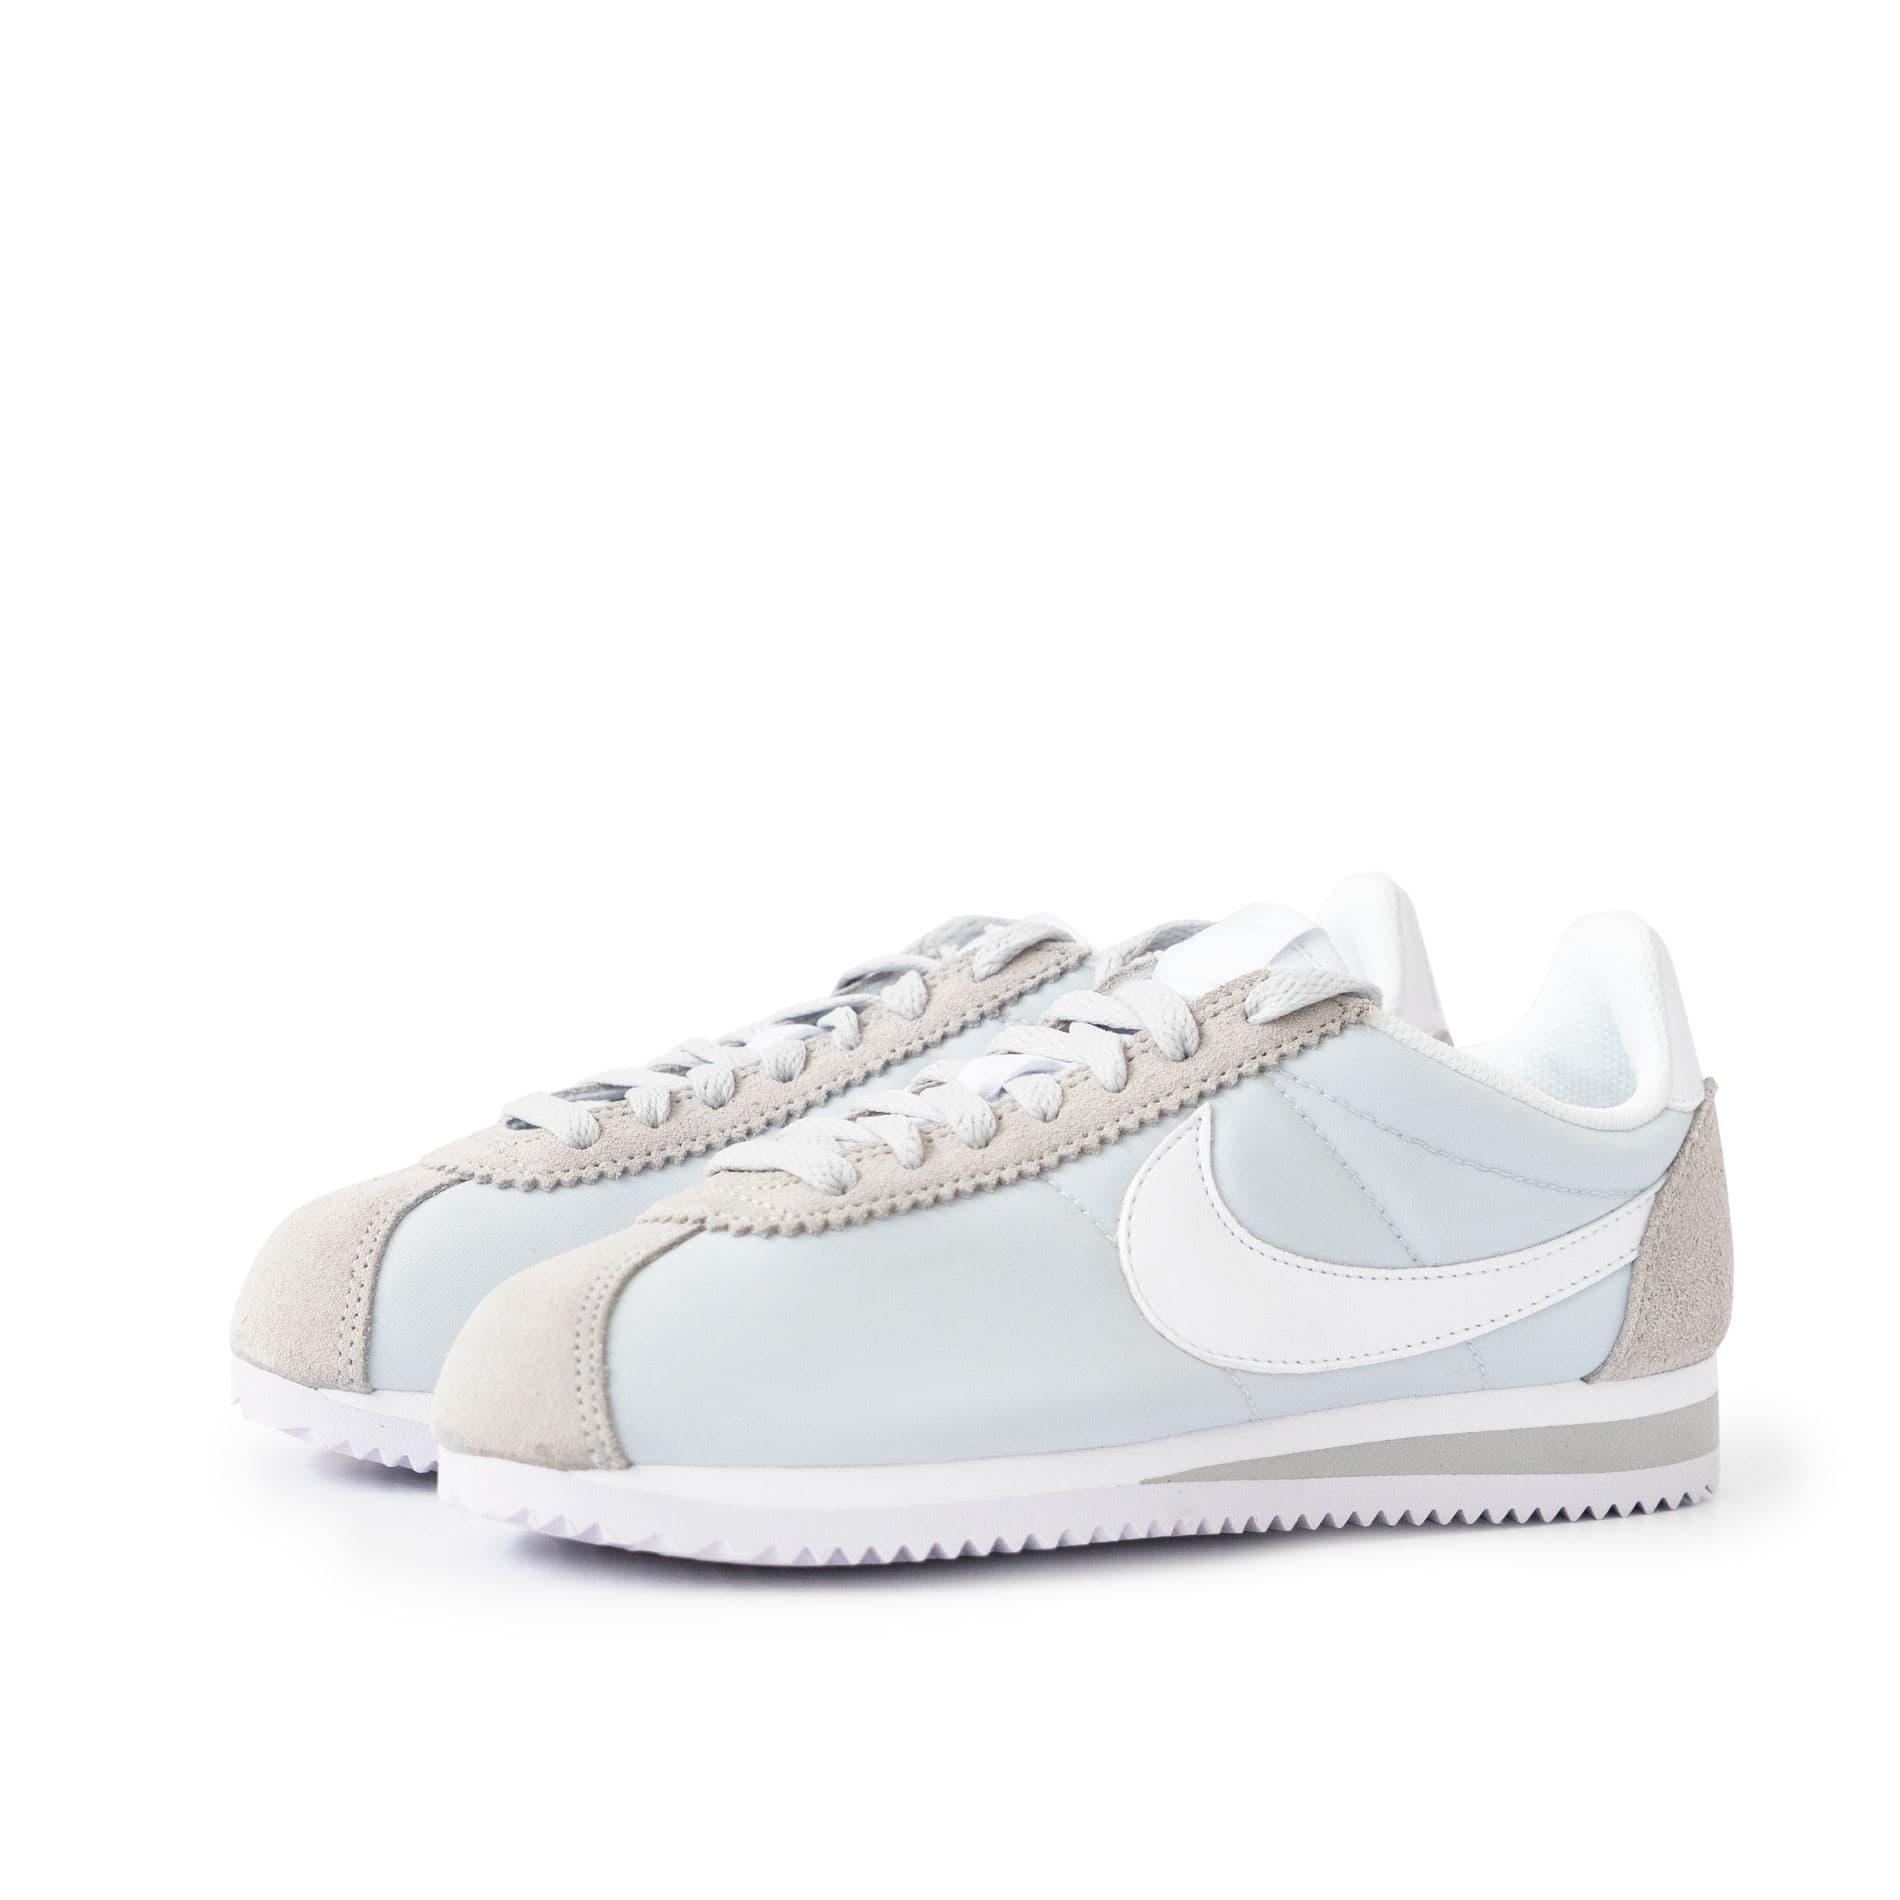 מדהים נעלי סניקרס נייק לנשים, Nike CLASSIC CORTEZ NYLON - משלוח והחזרה FY-74